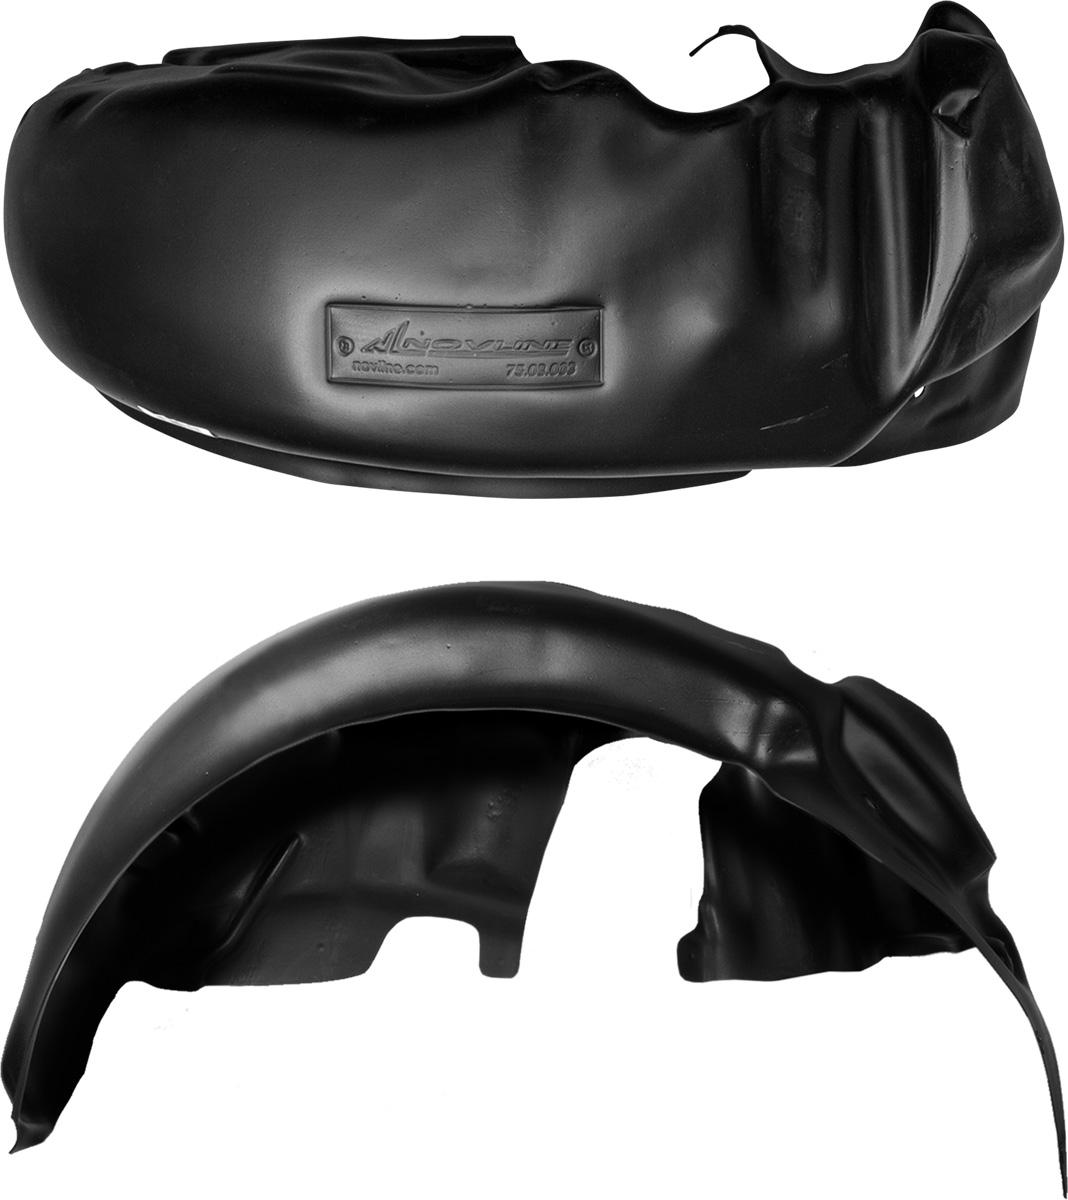 Подкрылок Novline-Autofamily, для Mitsubishi ASX, 2010-2013, 2013->, передний правыйNLL.35.27.002Колесные ниши - одни из самых уязвимых зон днища вашего автомобиля. Они постоянно подвергаются воздействию со стороны дороги. Лучшая, почти абсолютная защита для них - специально отформованные пластиковые кожухи, которые называются подкрылками. Производятся они как для отечественных моделей автомобилей, так и для иномарок. Подкрылки Novline-Autofamily выполнены из высококачественного, экологически чистого пластика. Обеспечивают надежную защиту кузова автомобиля от пескоструйного эффекта и негативного влияния, агрессивных антигололедных реагентов. Пластик обладает более низкой теплопроводностью, чем металл, поэтому в зимний период эксплуатации использование пластиковых подкрылков позволяет лучше защитить колесные ниши от налипания снега и образования наледи. Оригинальность конструкции подчеркивает элегантность автомобиля, бережно защищает нанесенное на днище кузова антикоррозийное покрытие и позволяет осуществить крепление подкрылков внутри колесной арки практически без дополнительного крепежа и сверления, не нарушая при этом лакокрасочного покрытия, что предотвращает возникновение новых очагов коррозии. Подкрылки долговечны, обладают высокой прочностью и сохраняют заданную форму, а также все свои физико-механические характеристики в самых тяжелых климатических условиях (от -50°С до +50°С).Уважаемые клиенты!Обращаем ваше внимание, на тот факт, что подкрылок имеет форму, соответствующую модели данного автомобиля. Фото служит для визуального восприятия товара.